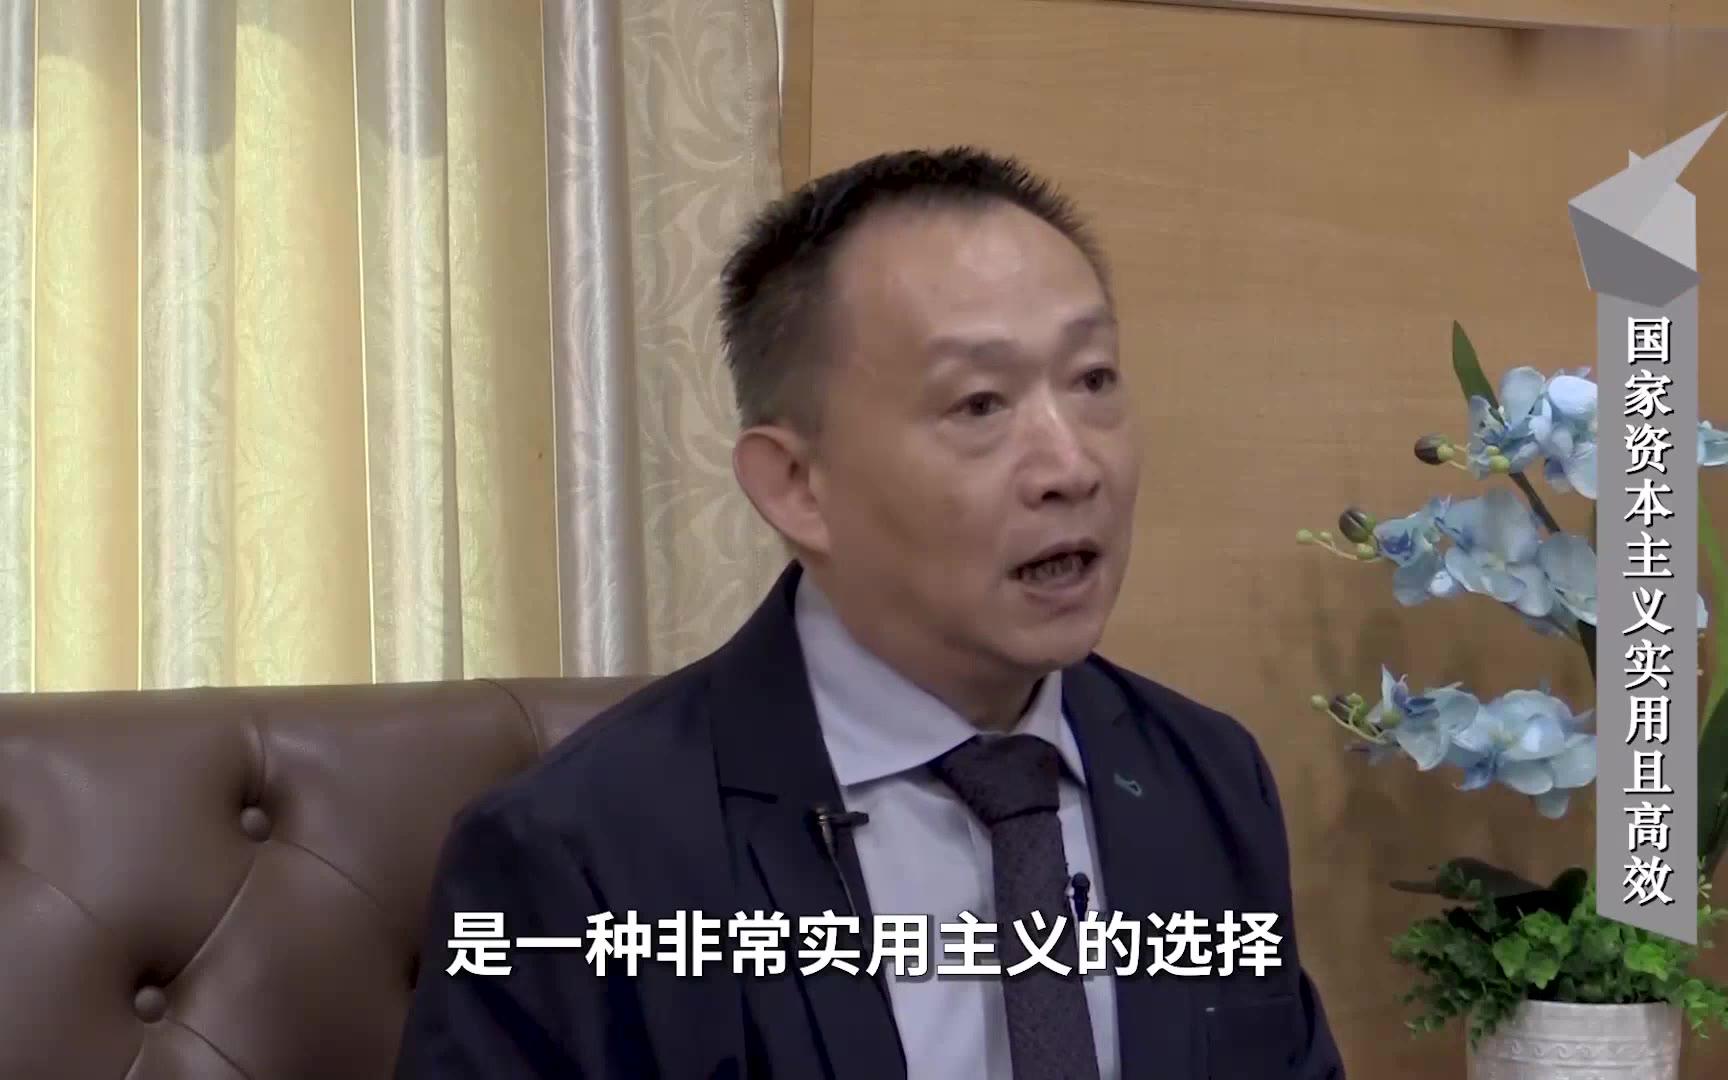 卢麒元:针对资产和资本利得的课税一旦开始,中国将进入到一个崭新的阶段【麒元视角-6】